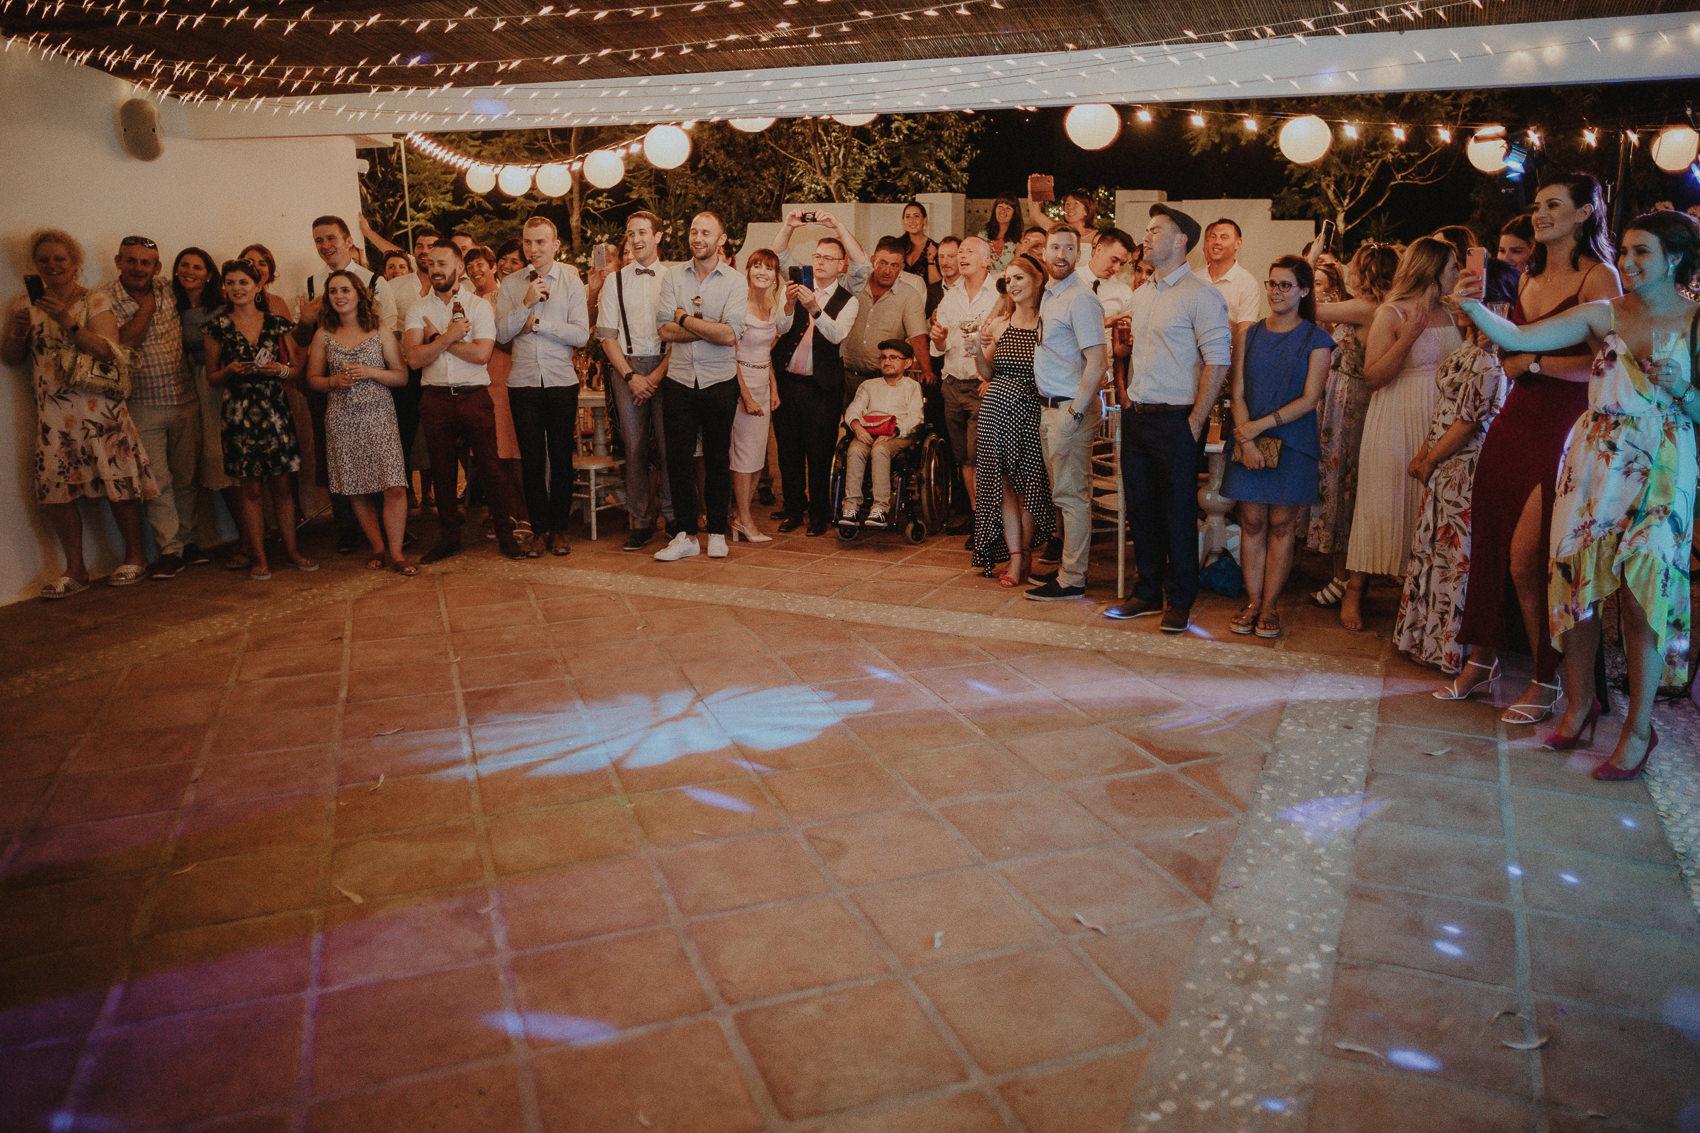 Sarah & Bill | Summer wedding at Cortijo Rosa Blanca | Marbella - Spain 160